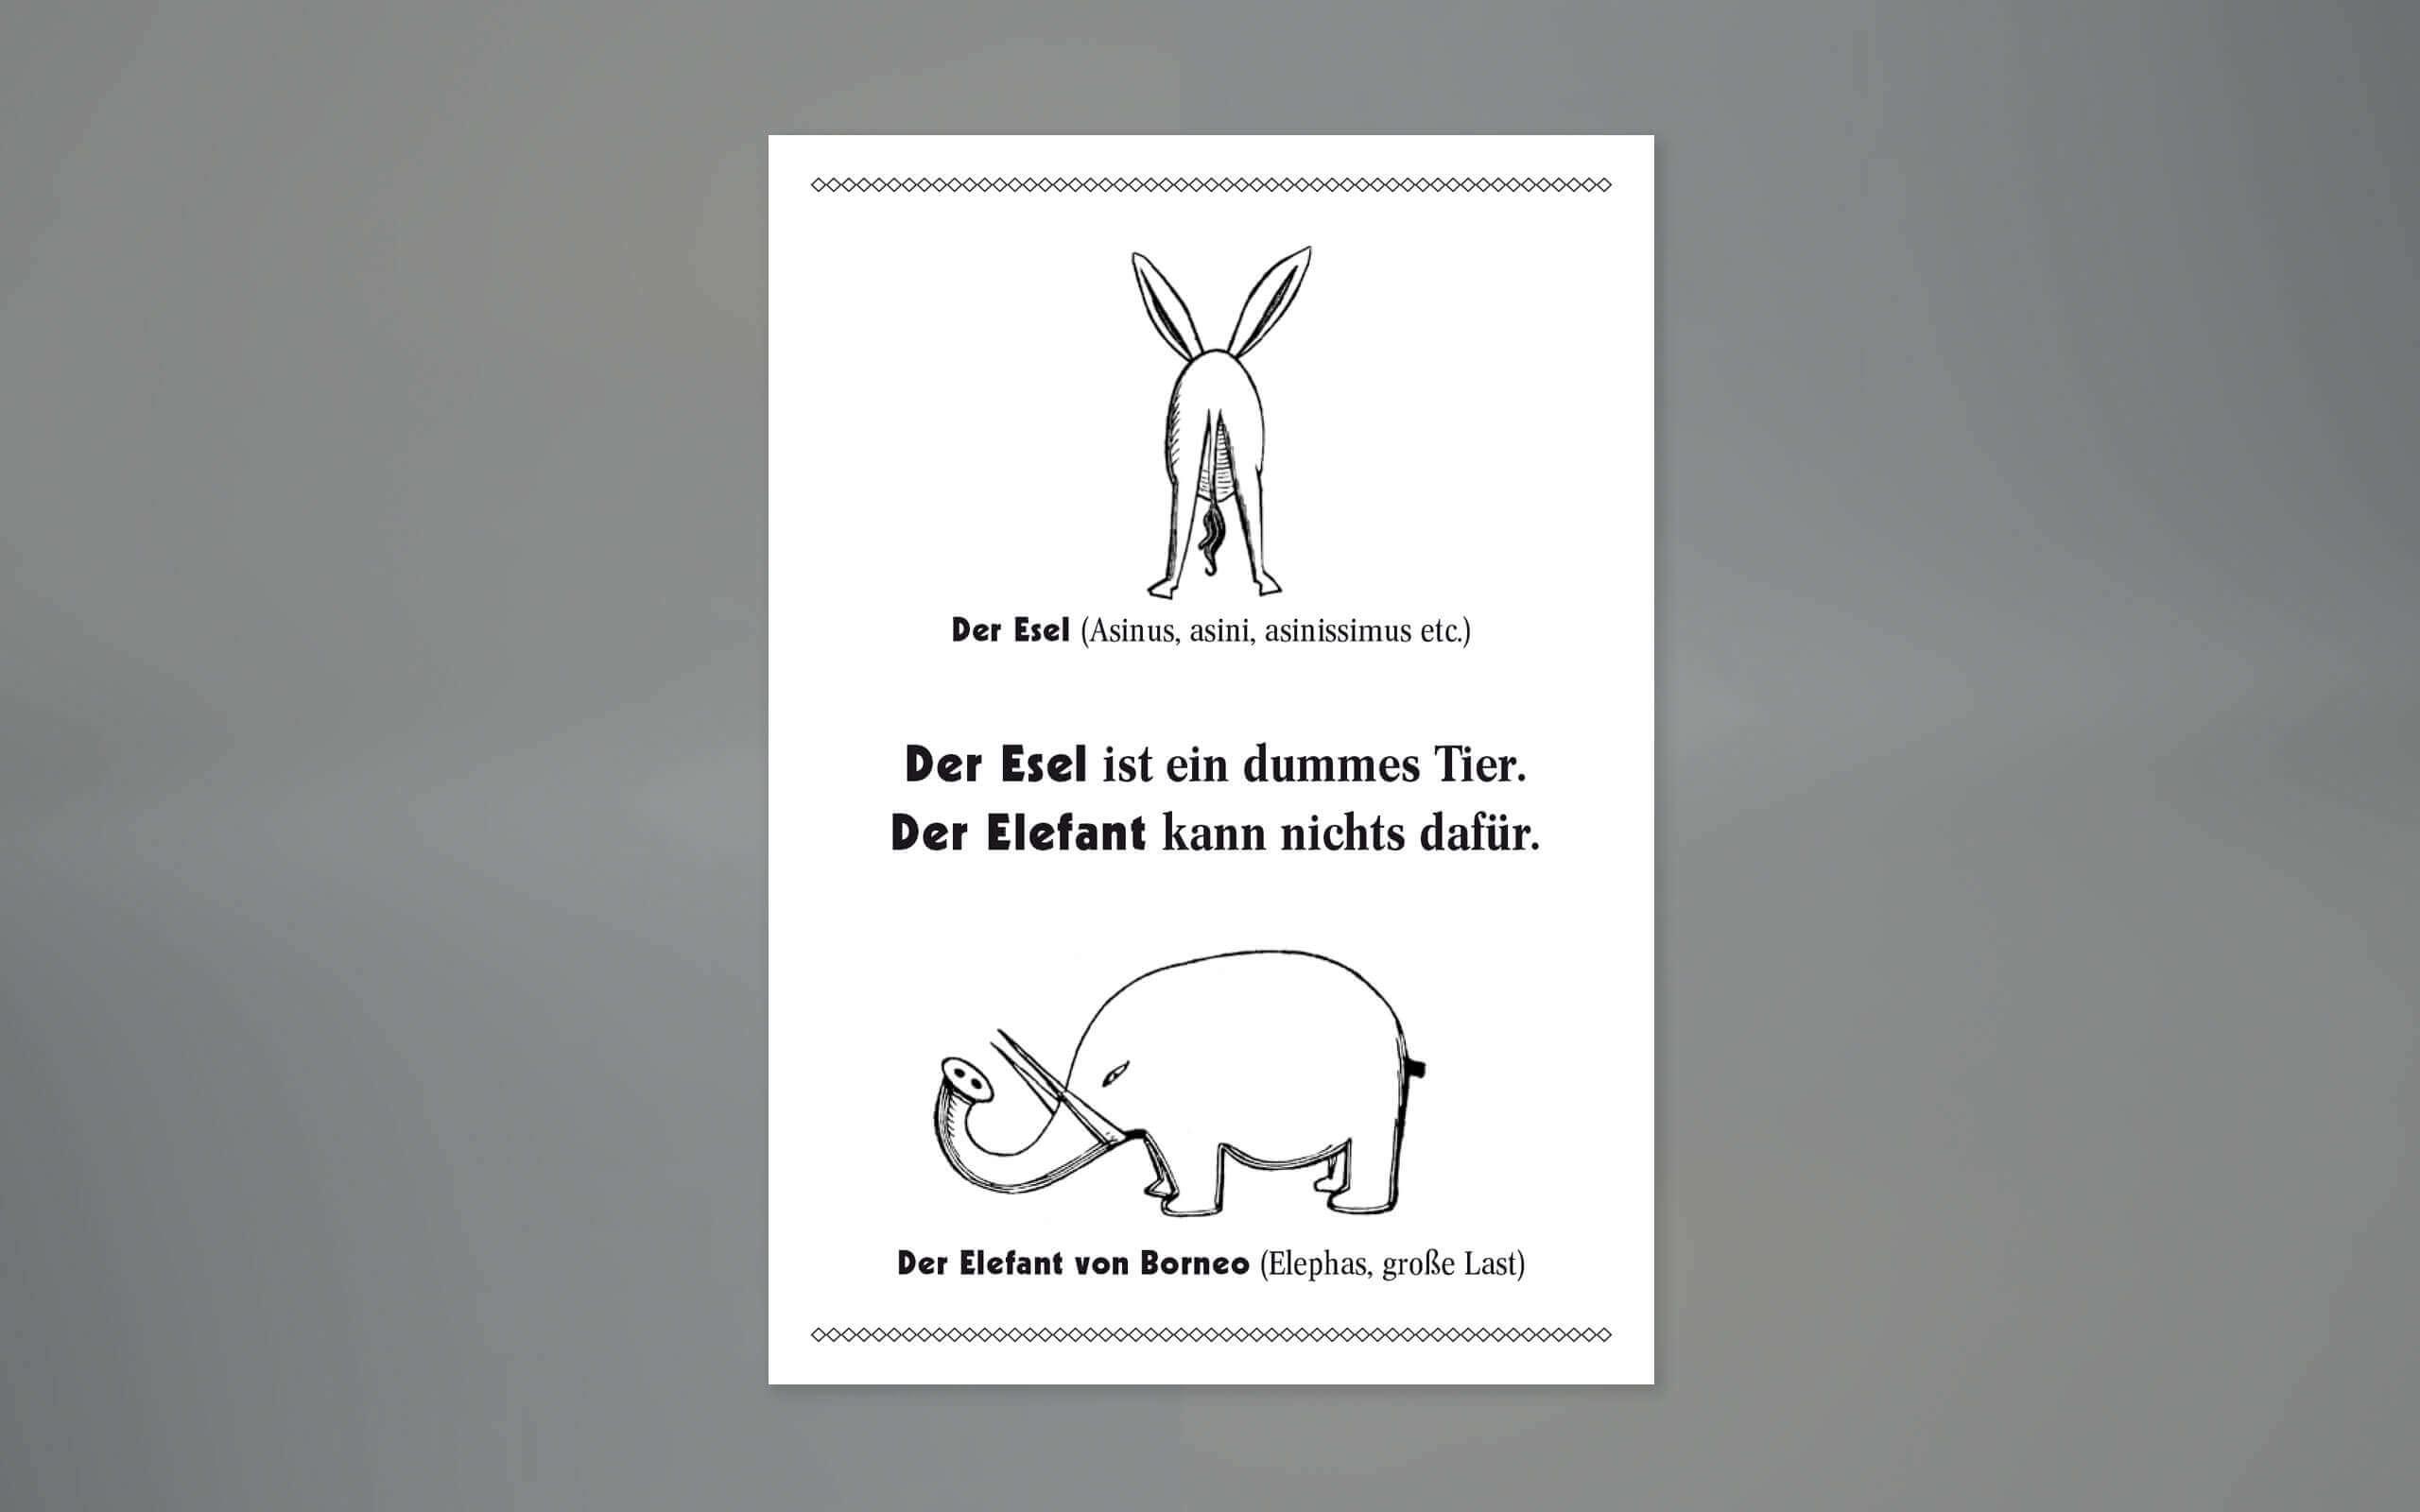 buschpostkarten_postkarte4